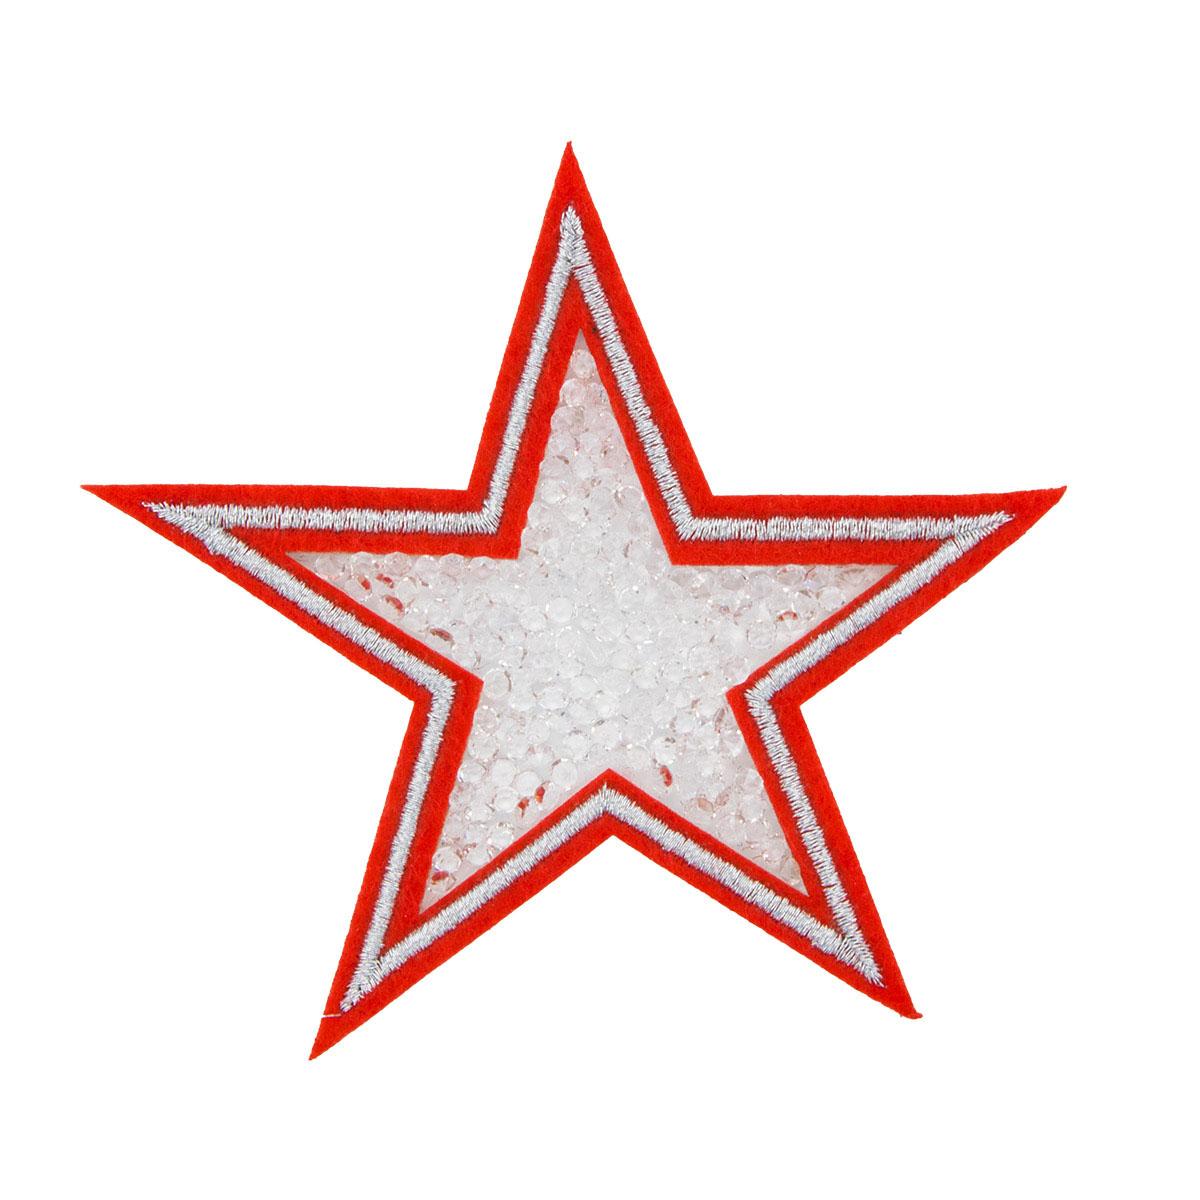 ГСН059 Термоаппликация Звезда 90мм, красный+серебро+прозрачный